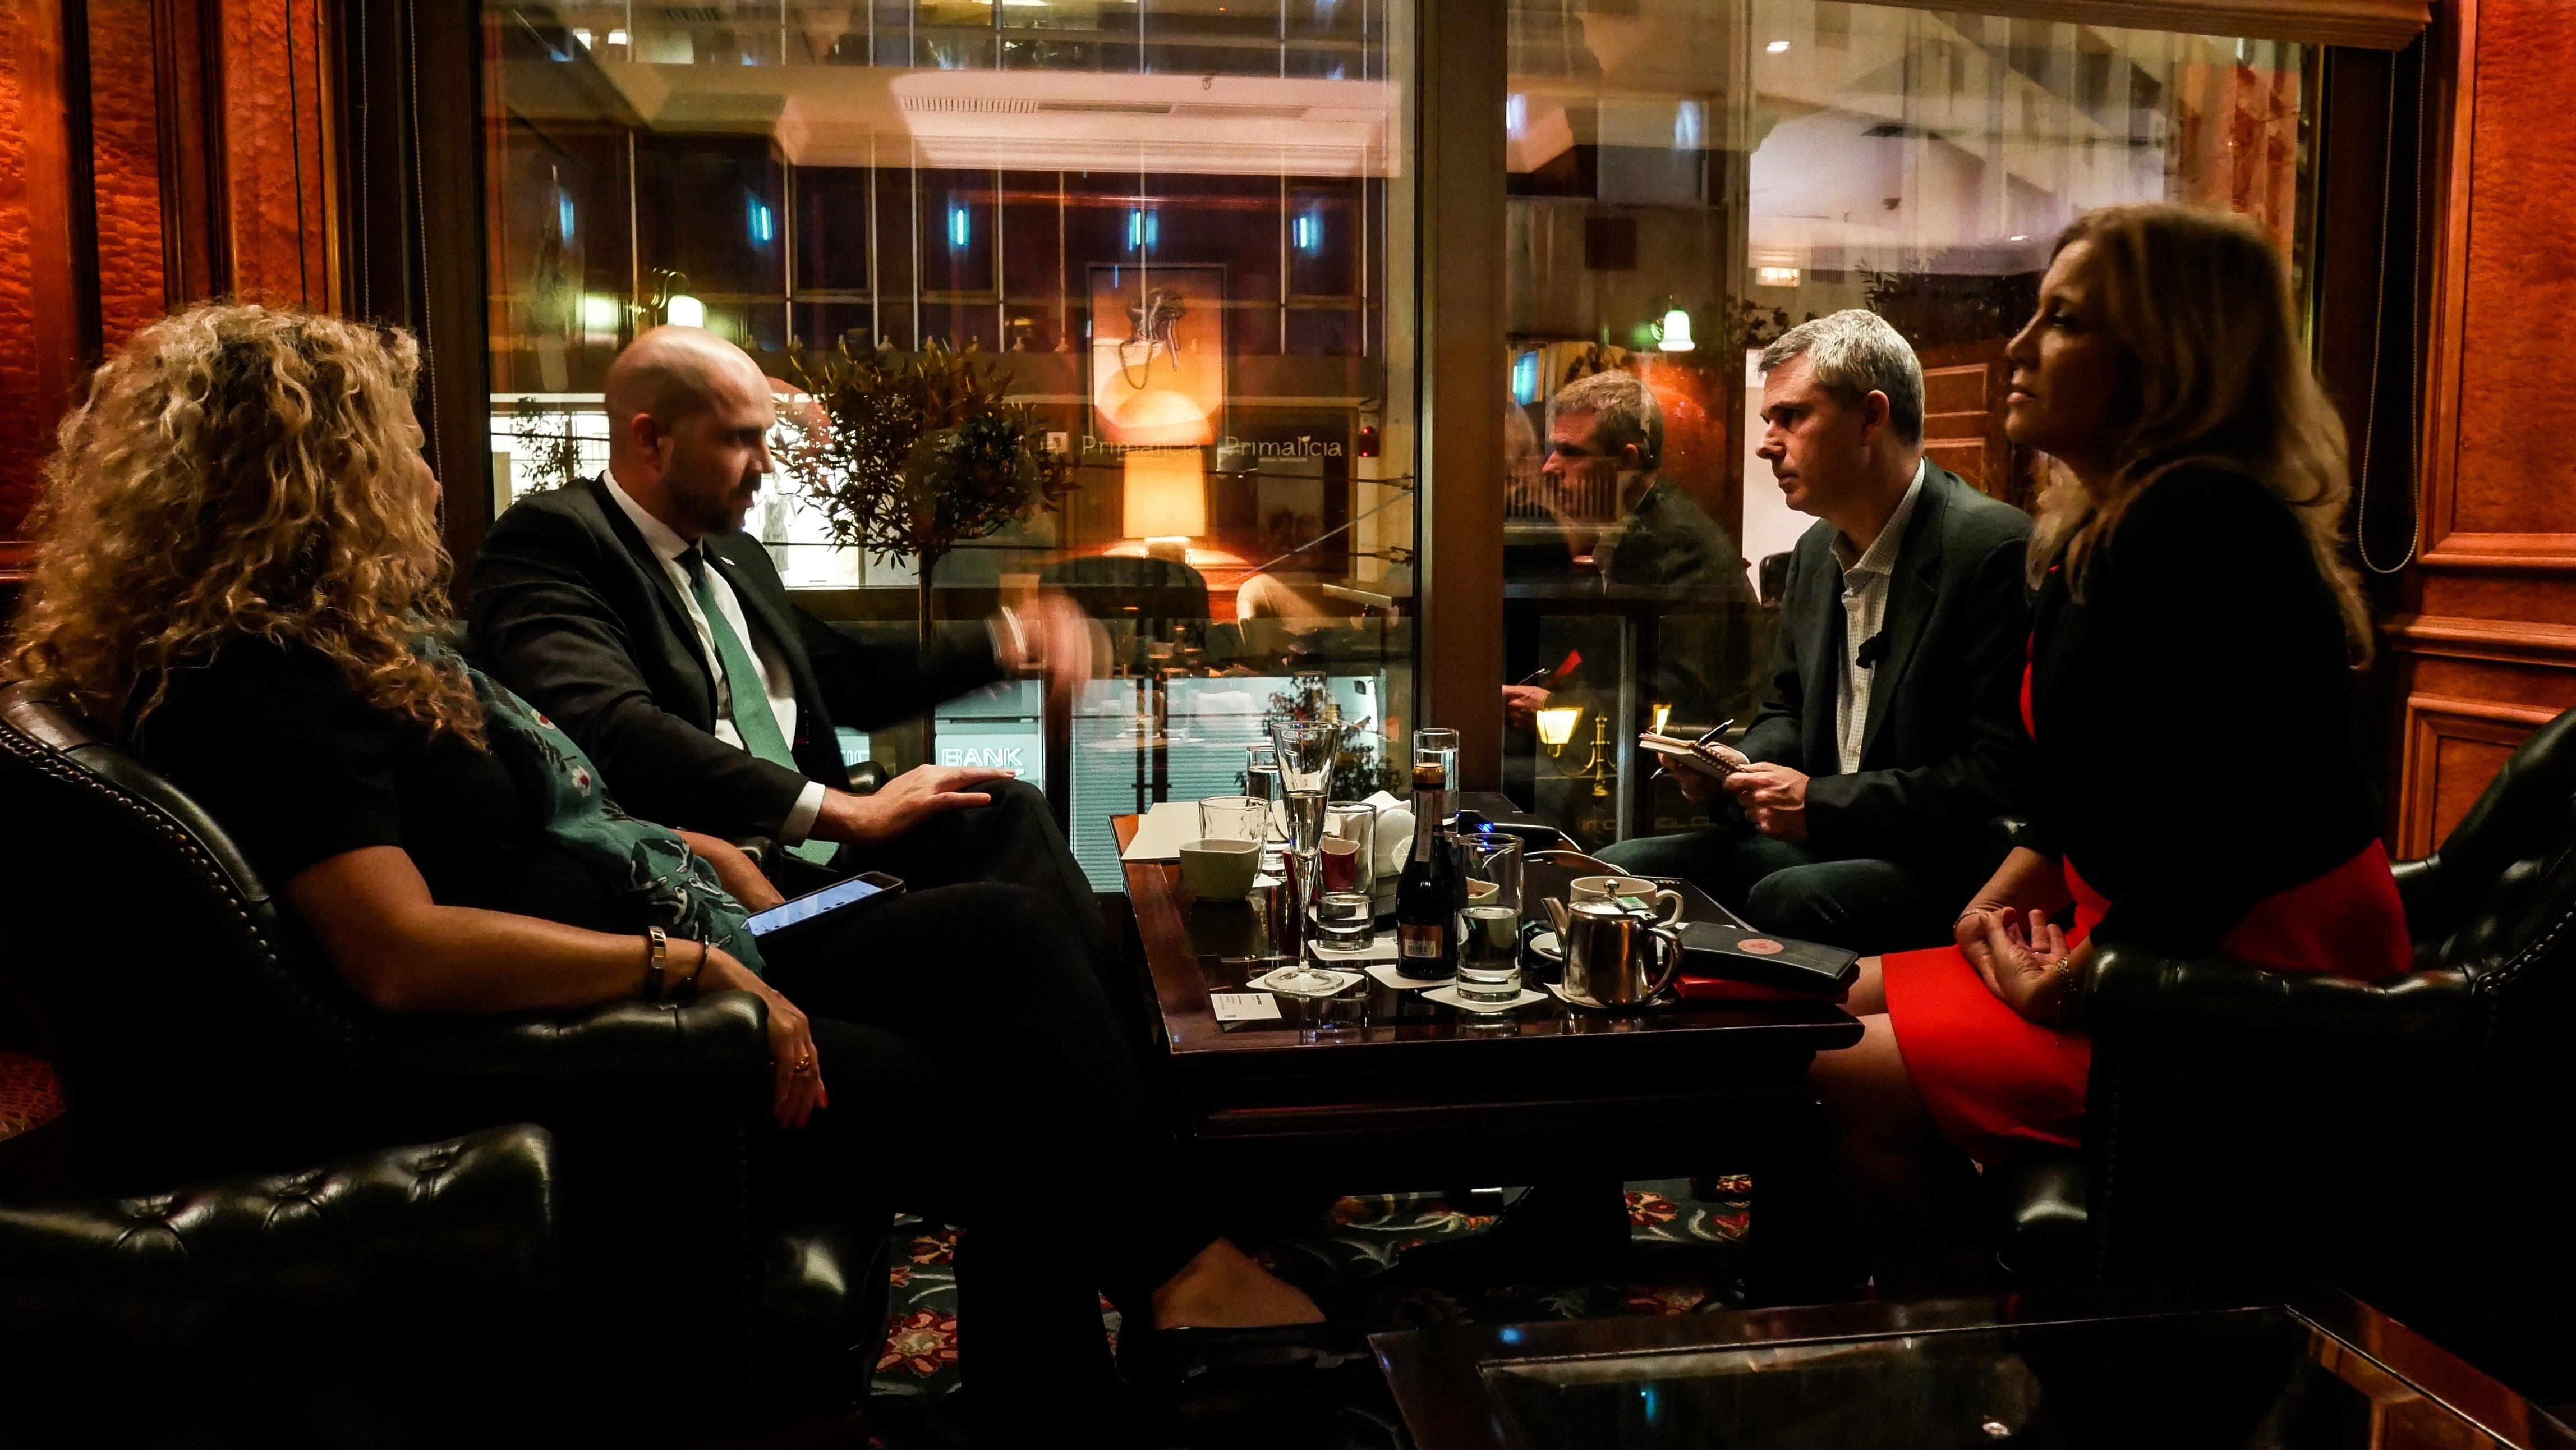 Τρεις Ισραηλινοί βουλευτές απαντούν στη HuffPost: Η συνεργασία με Ελλάδα-Κύπρο, ο θρησκευτικός φανατισμός και οι...διακοπές σ...